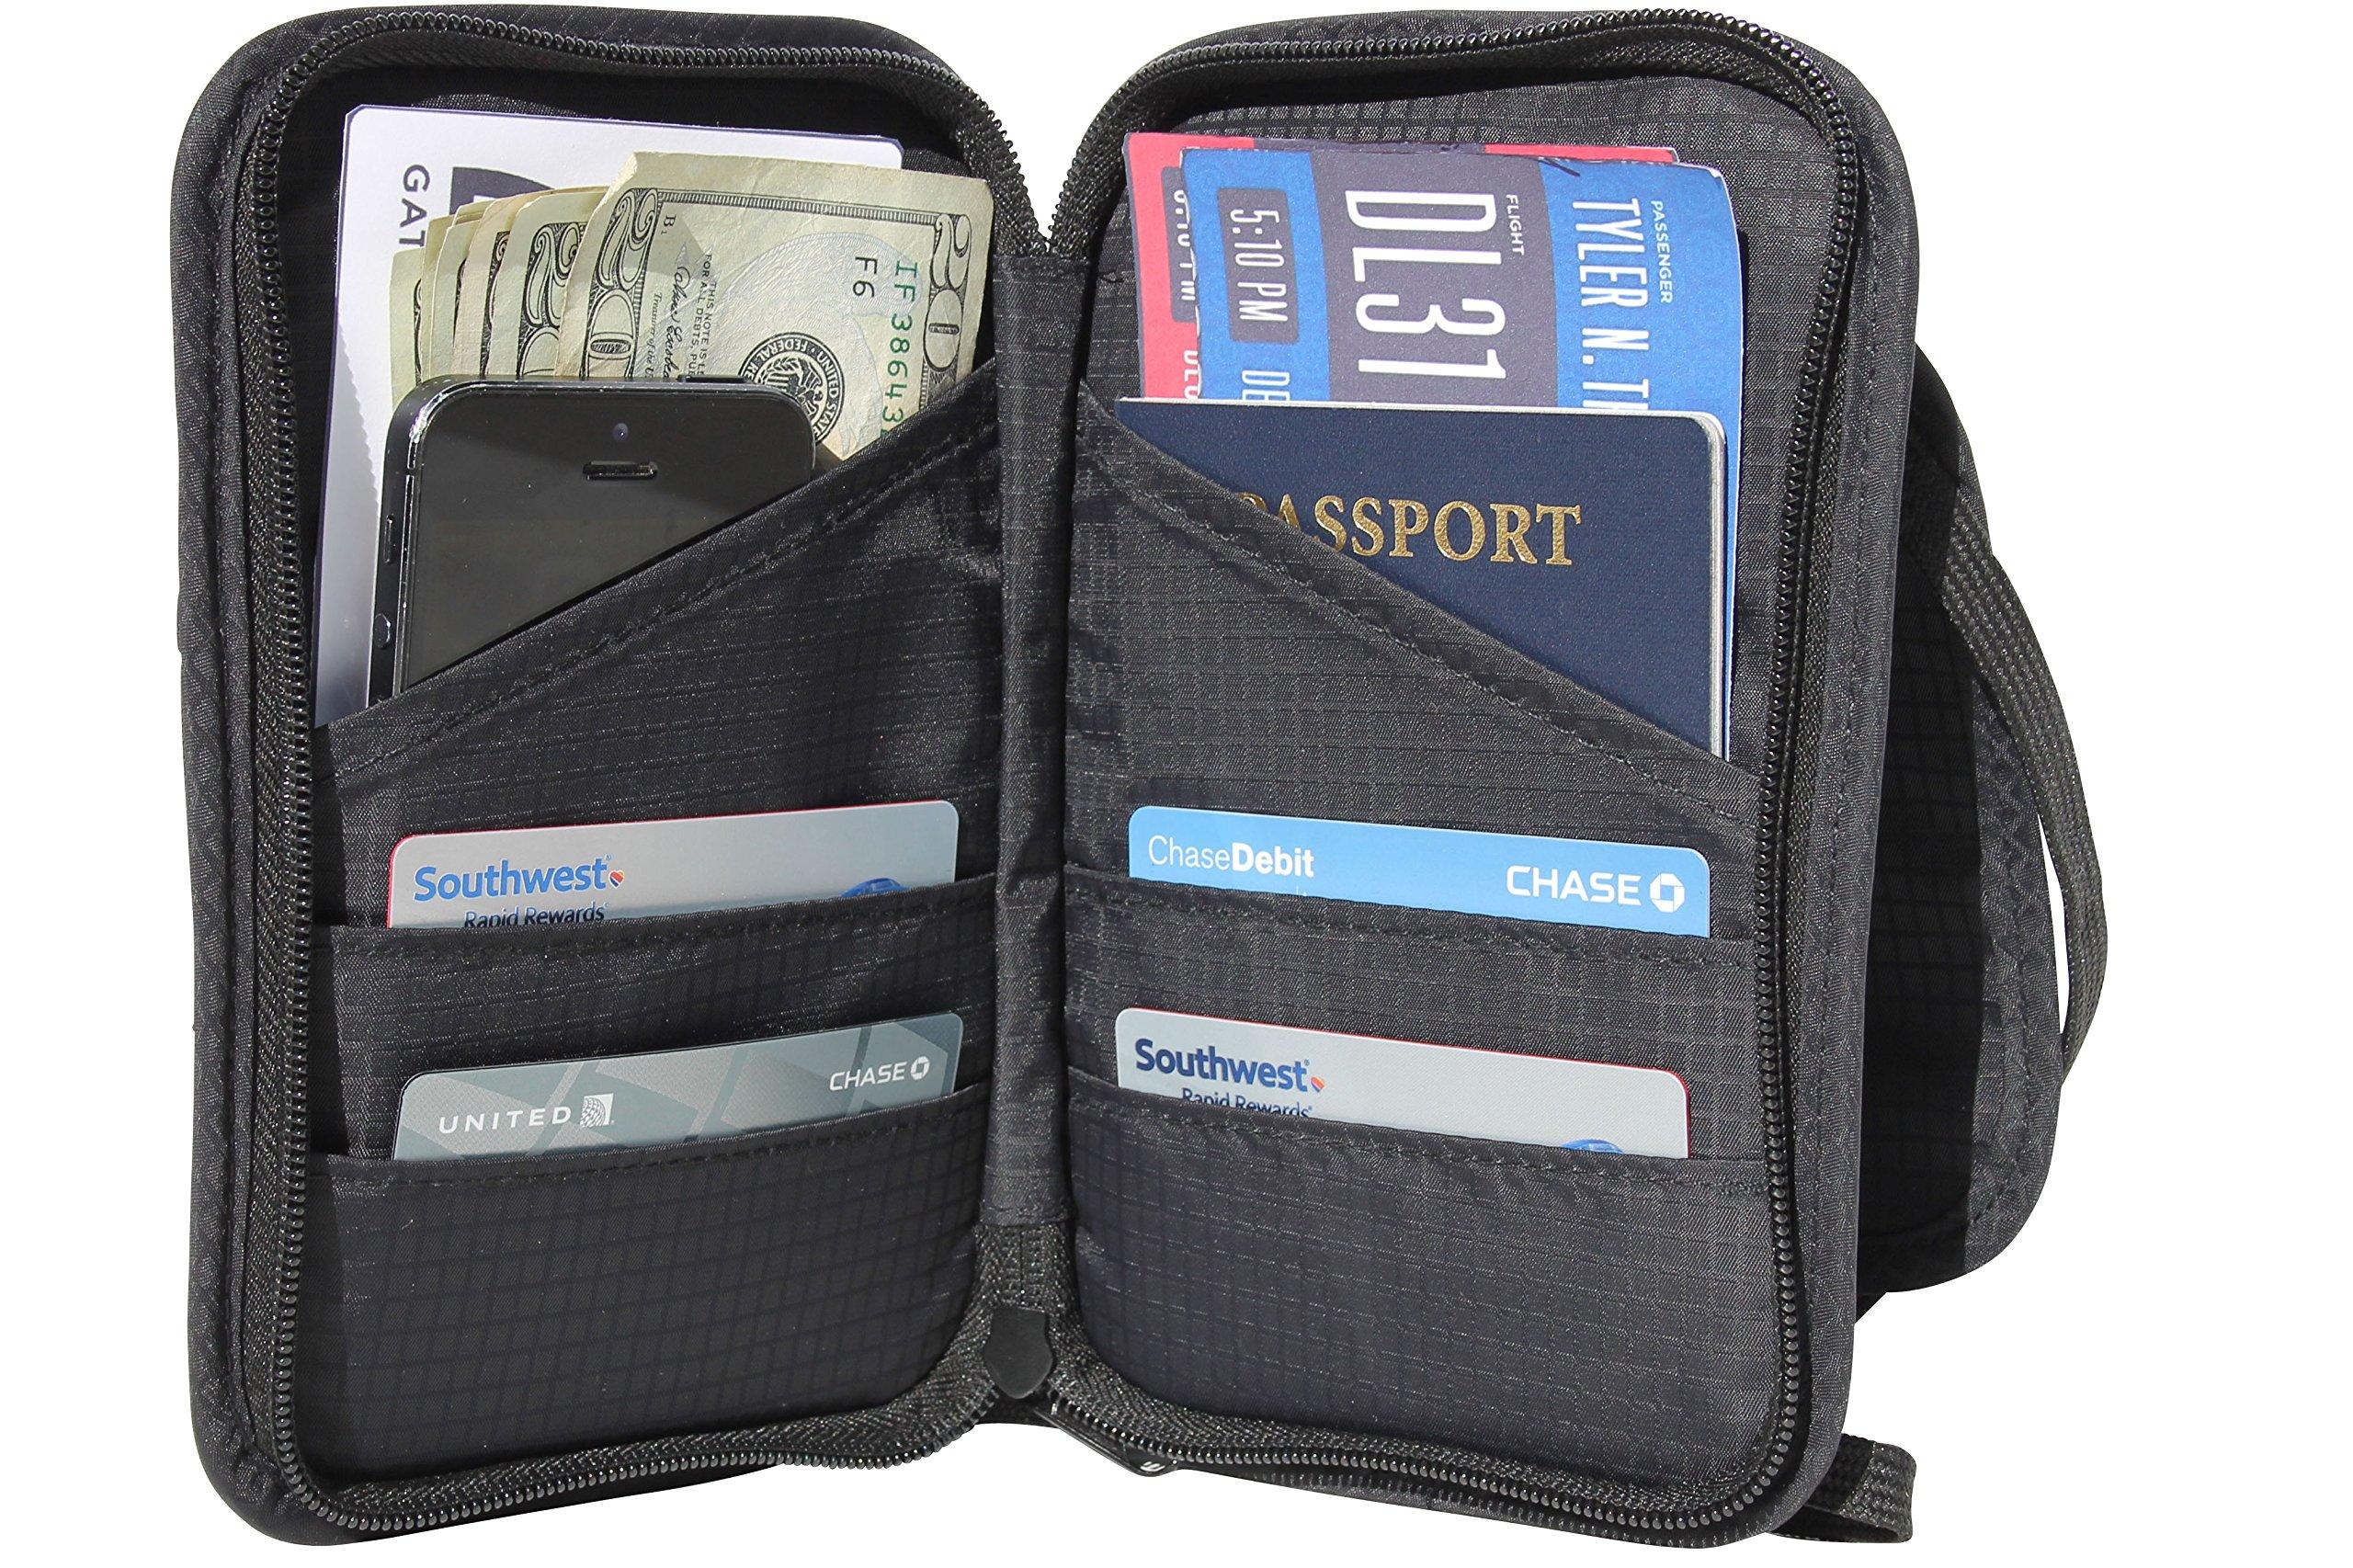 Travel Wallet And Passport Holder Neck Pouch Rfid Blocking Document Organizer Ebay